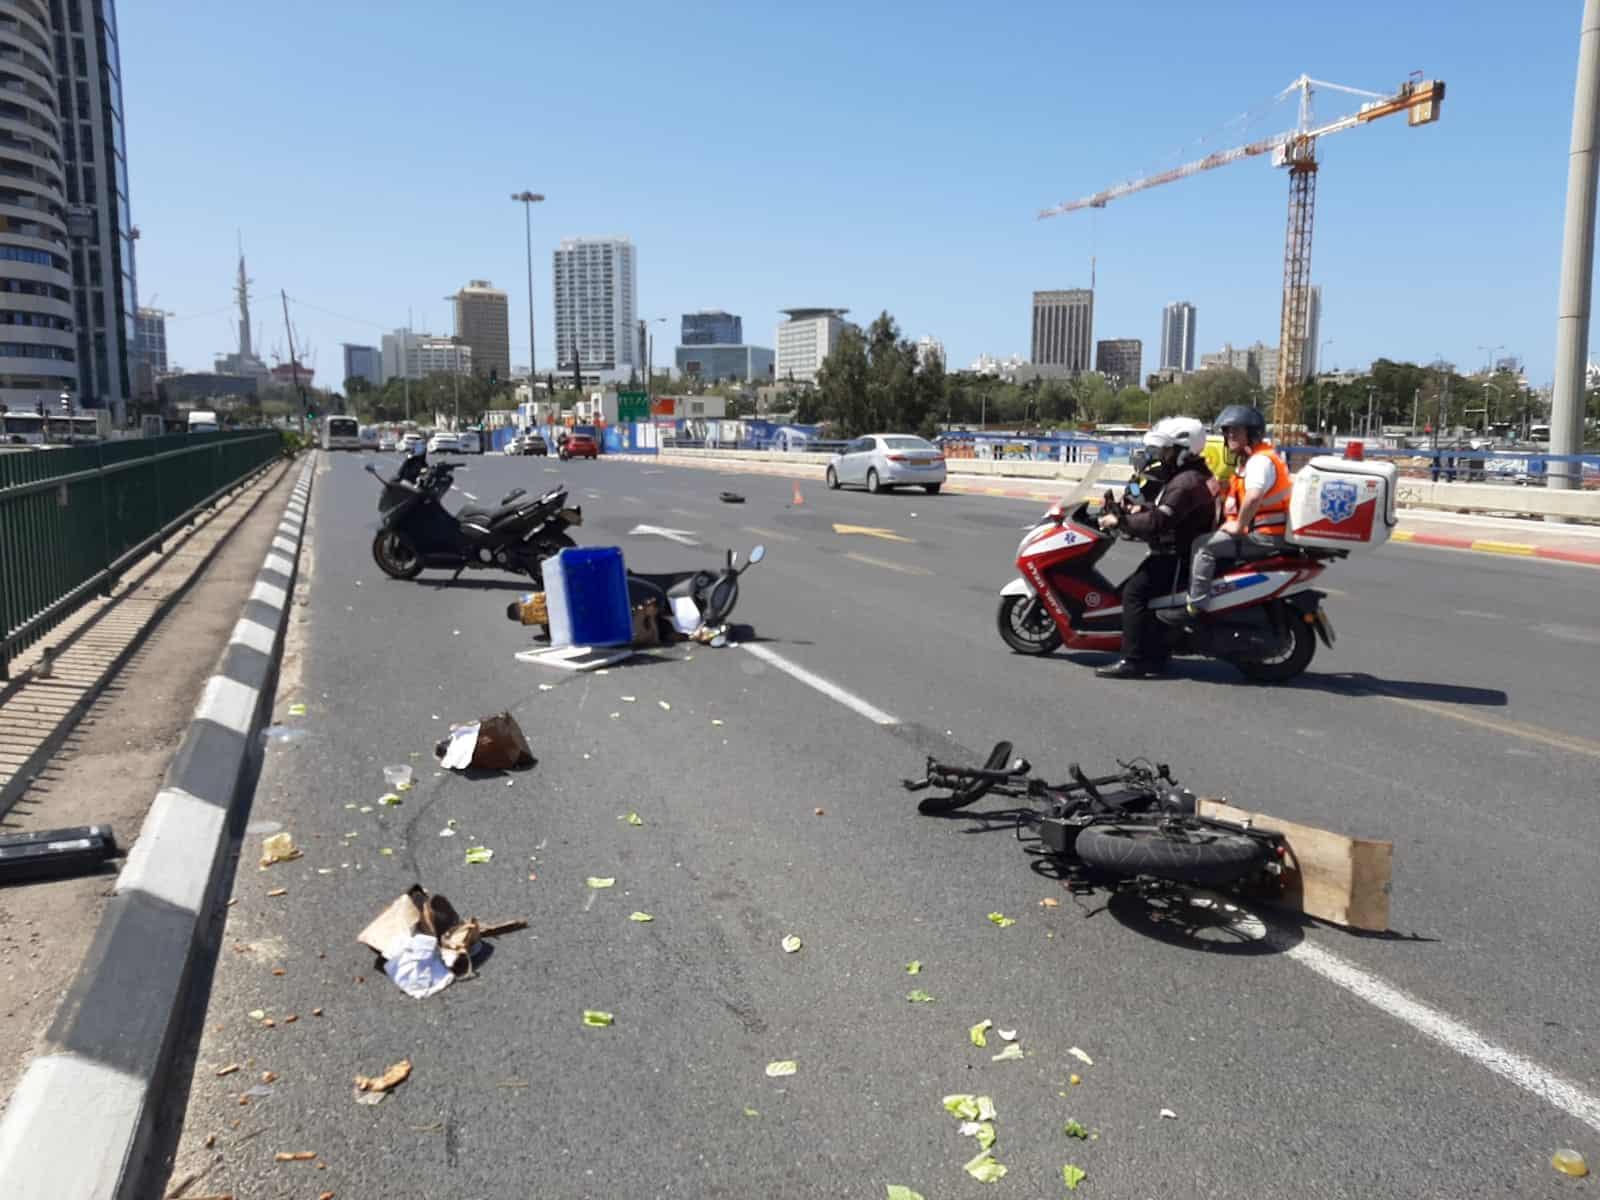 תאונה ברחוב זב'וטינסקי רמת גן. צילום: איחוד והצלה